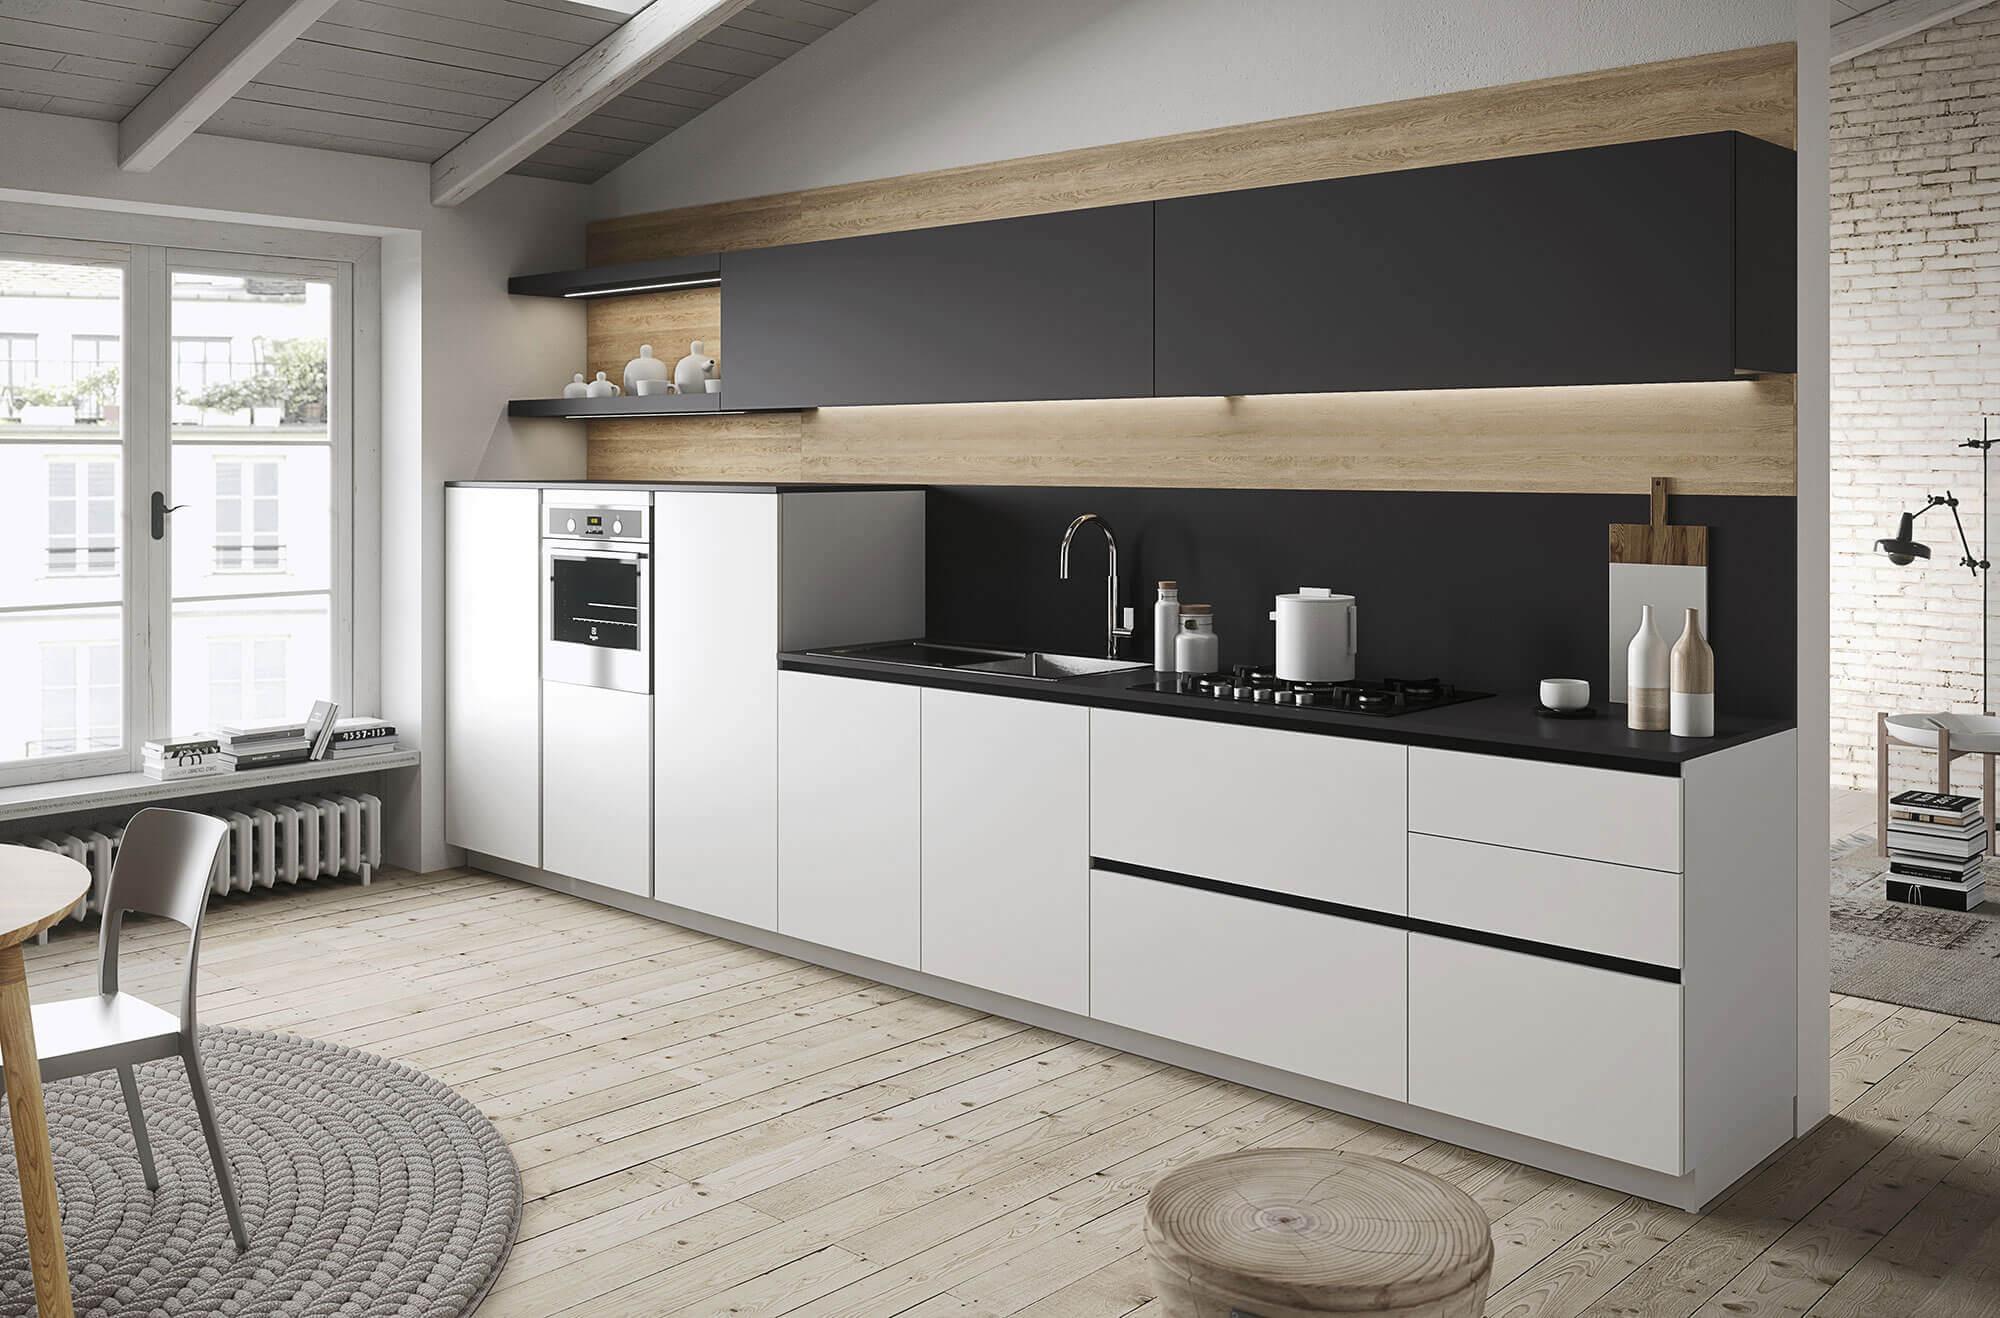 Snaidero Witte keuken met zwart blad